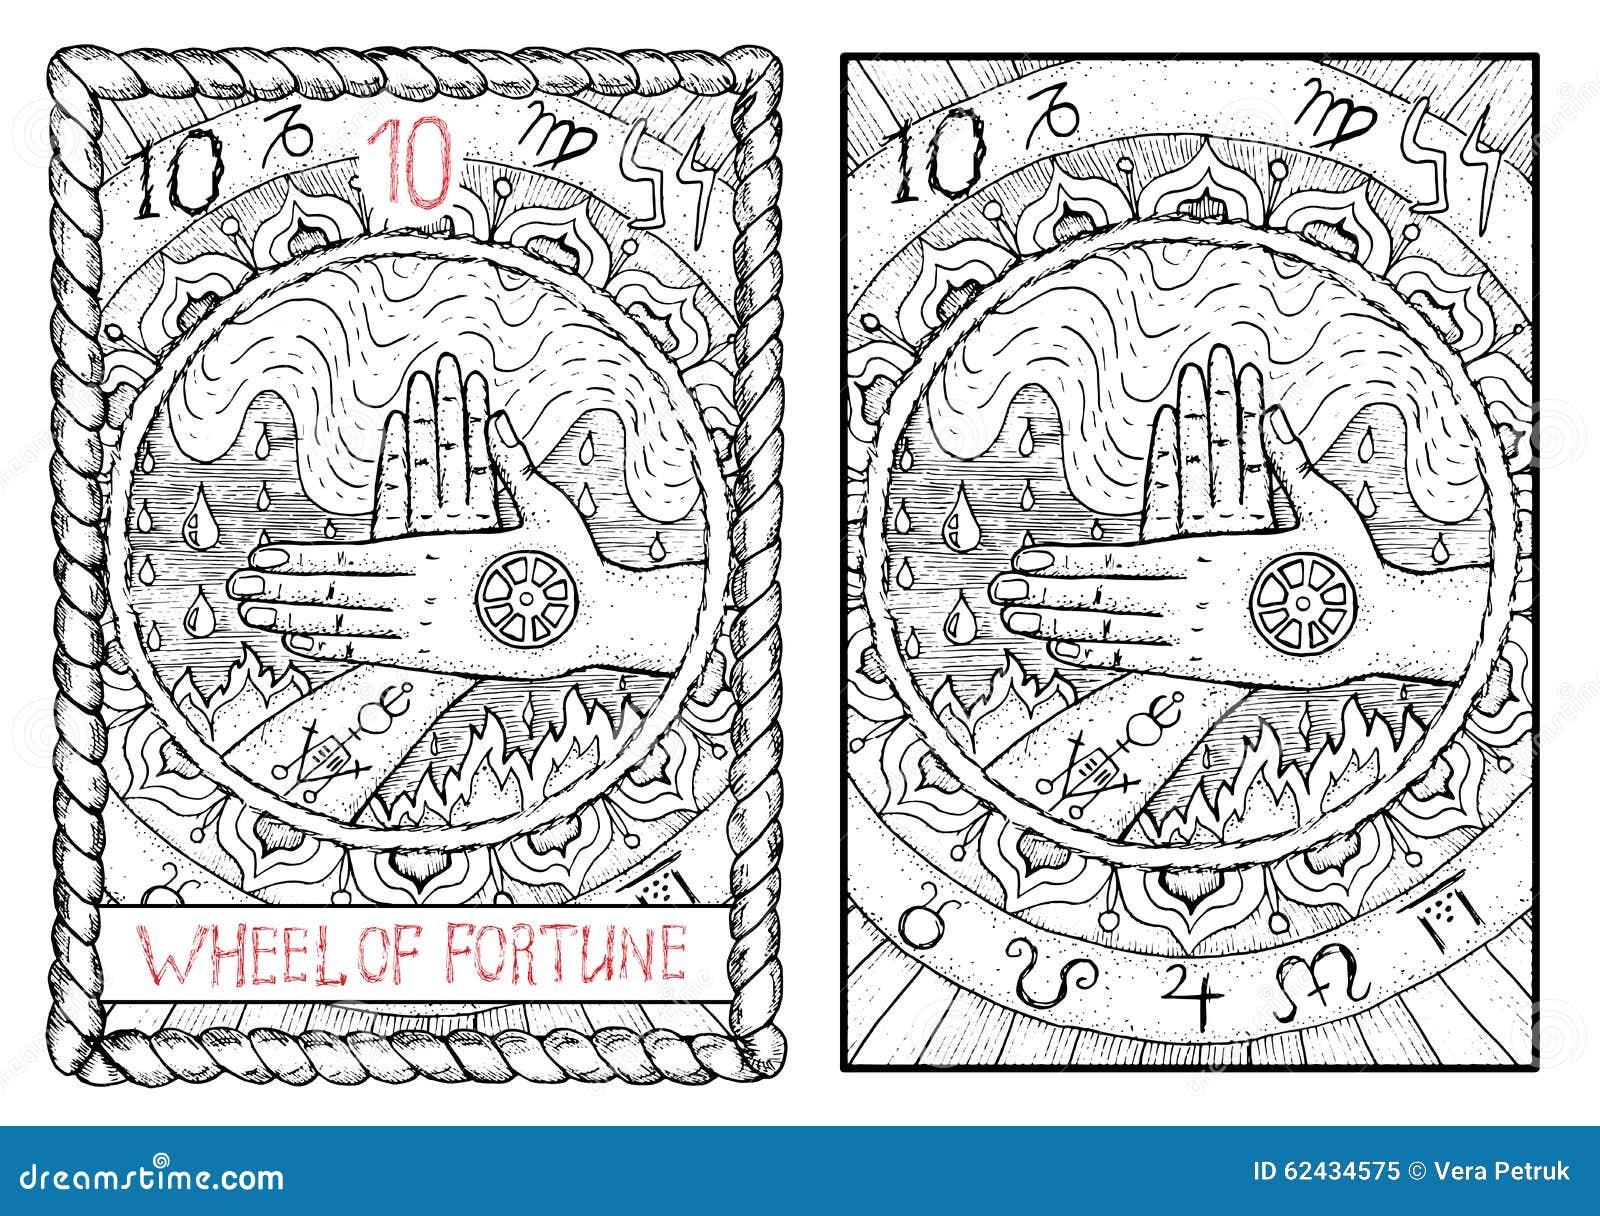 La carta de tarot principal de los arcana Rueda de la fortuna